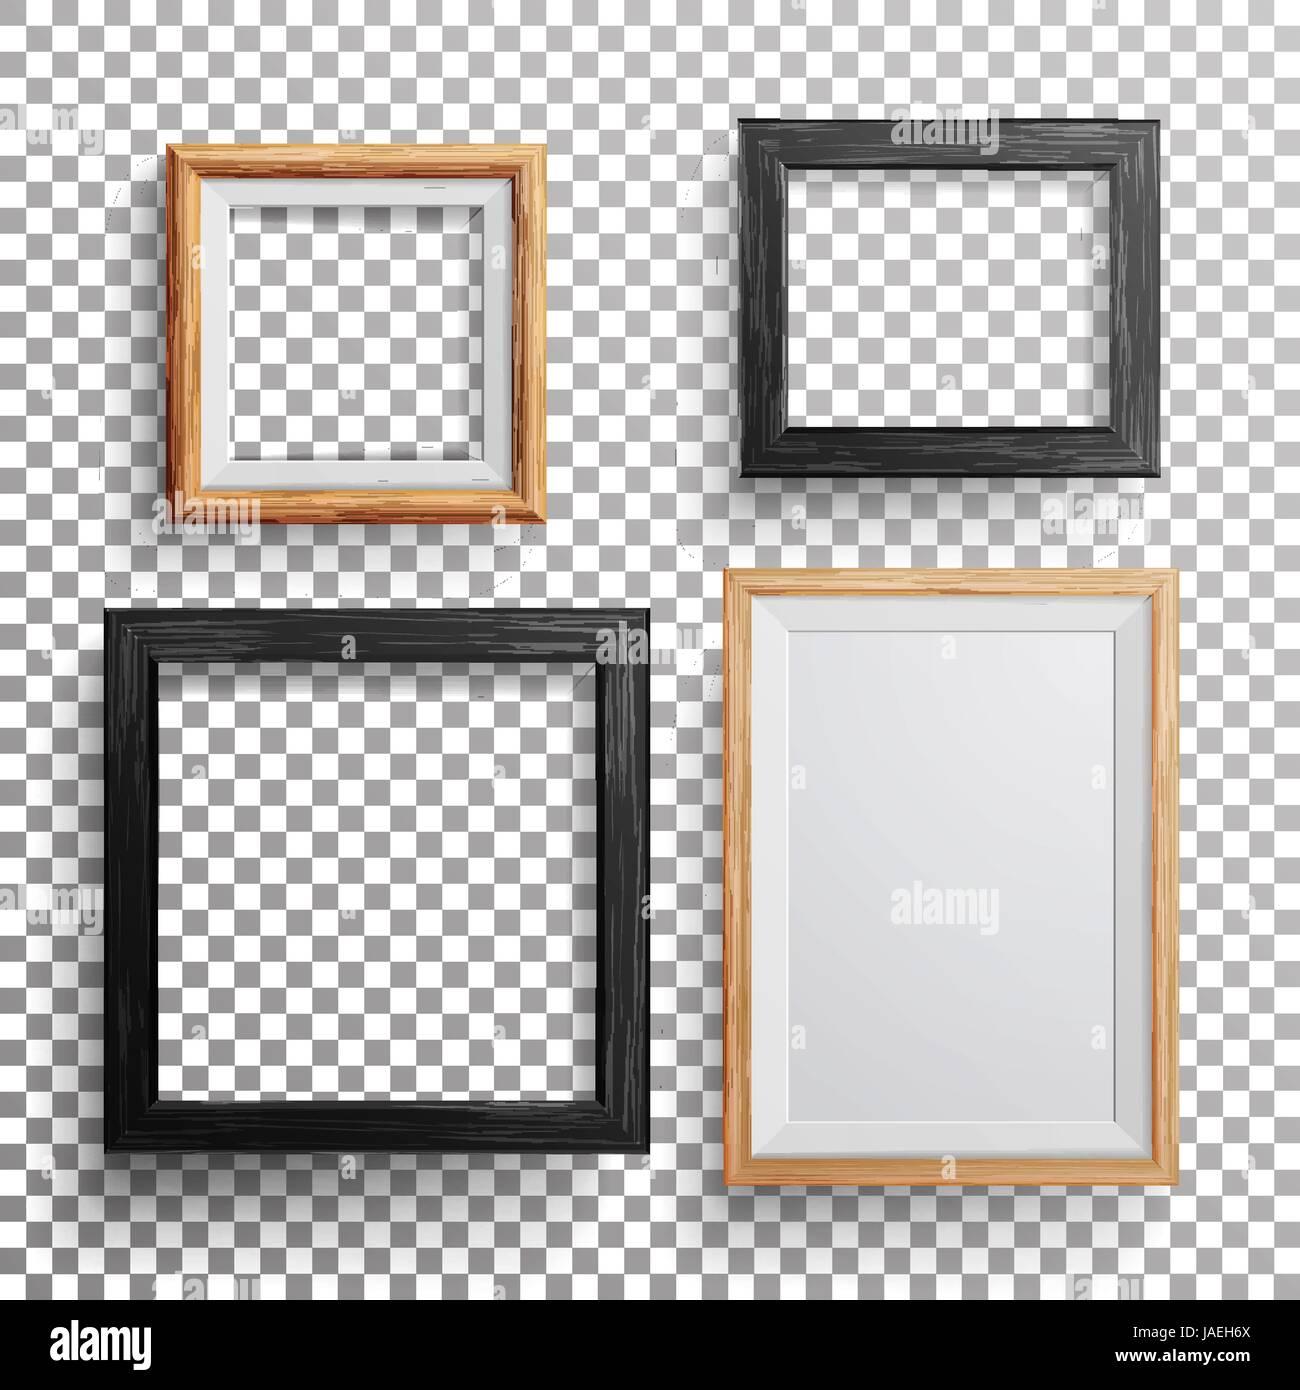 Marco de foto realista Vector. Conjunto 3d Square, A3, A4, tamaños ...